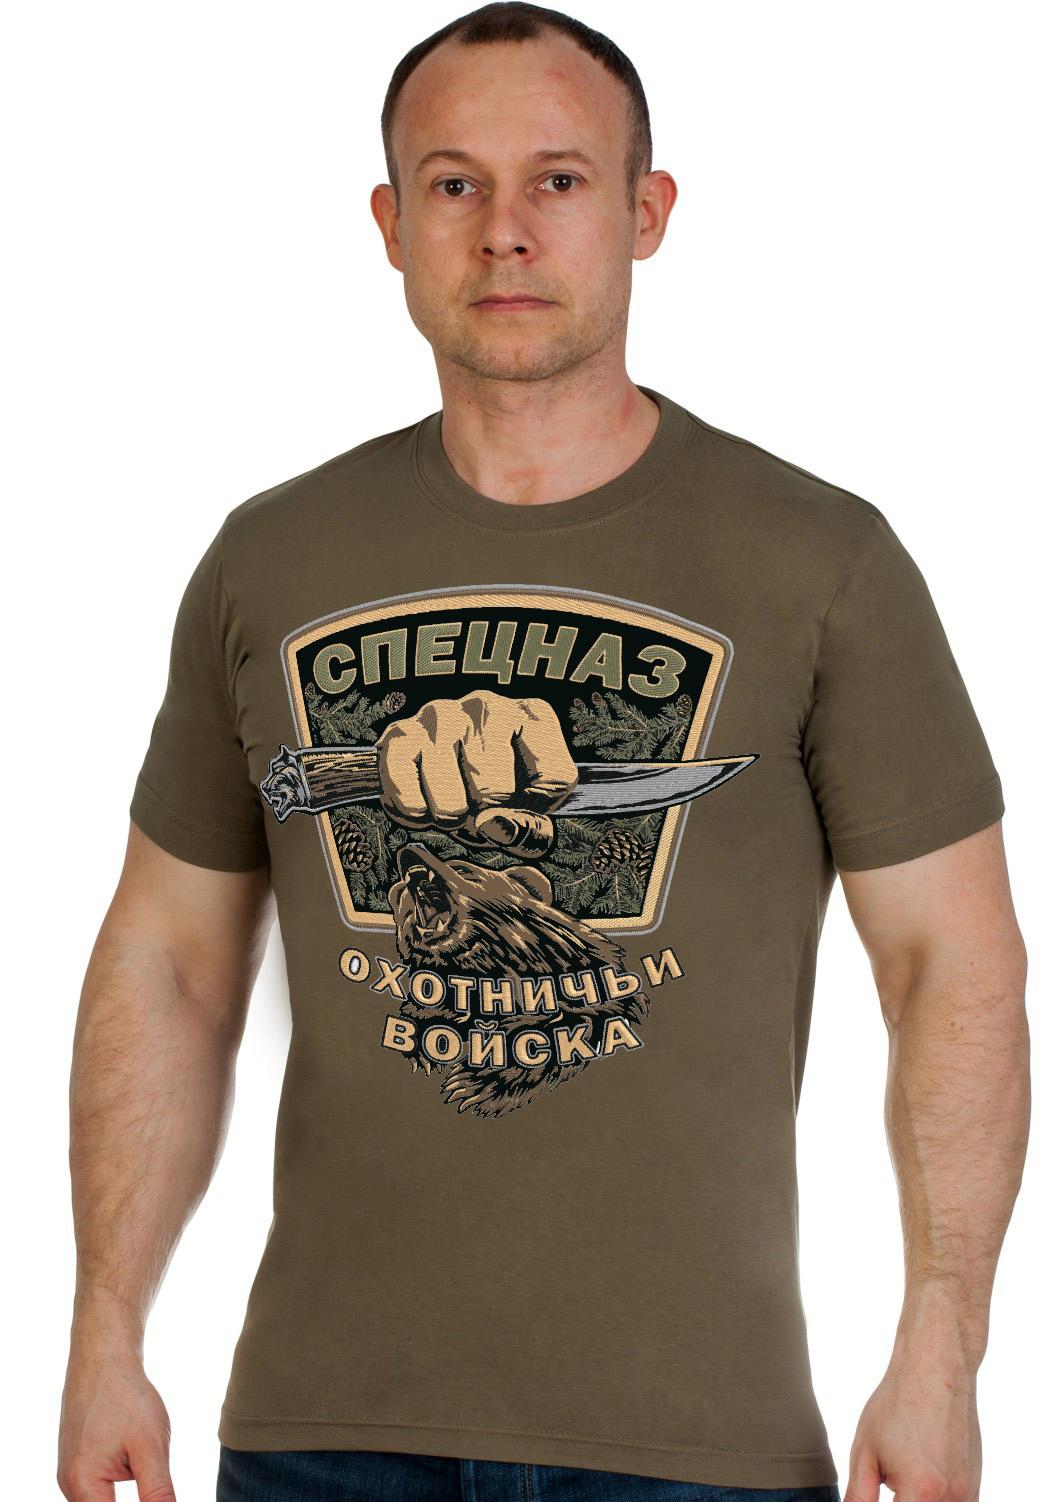 Подарочная футболка «Спецназ – охотничьи войска»